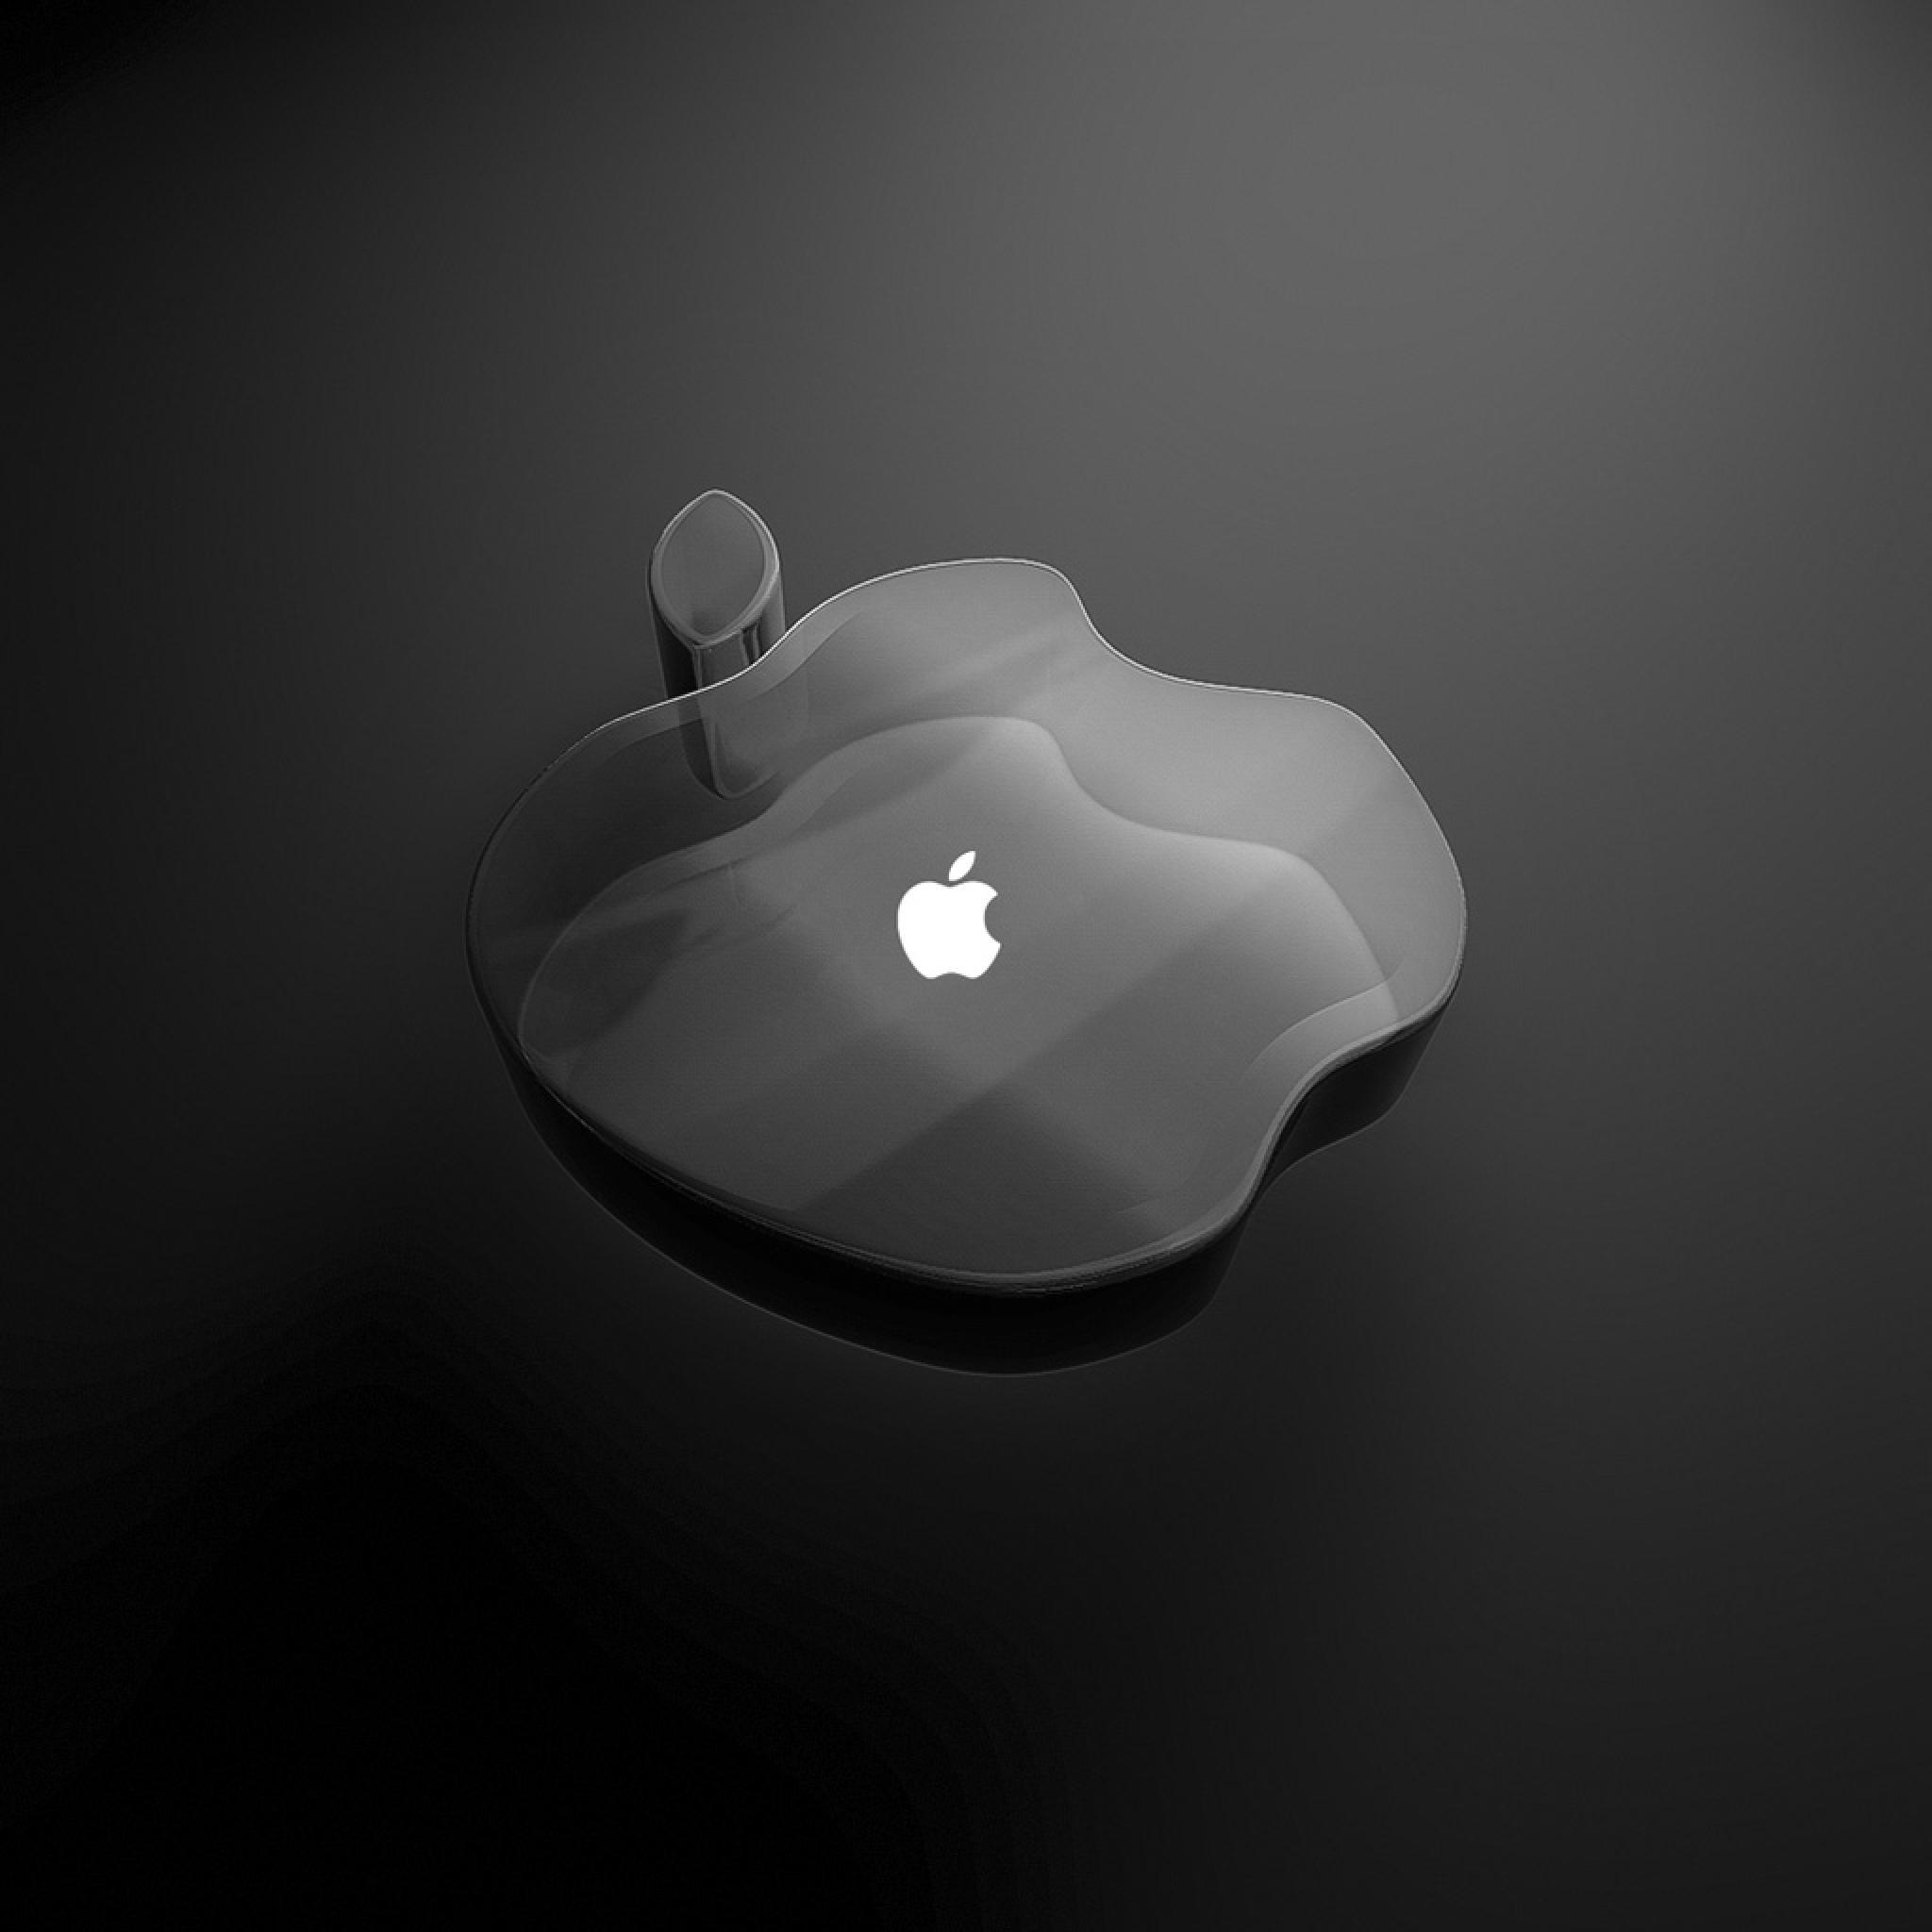 2048 2048 厳選ipad壁紙 25 白黒 セピア 73枚 Applejp Ipadjp